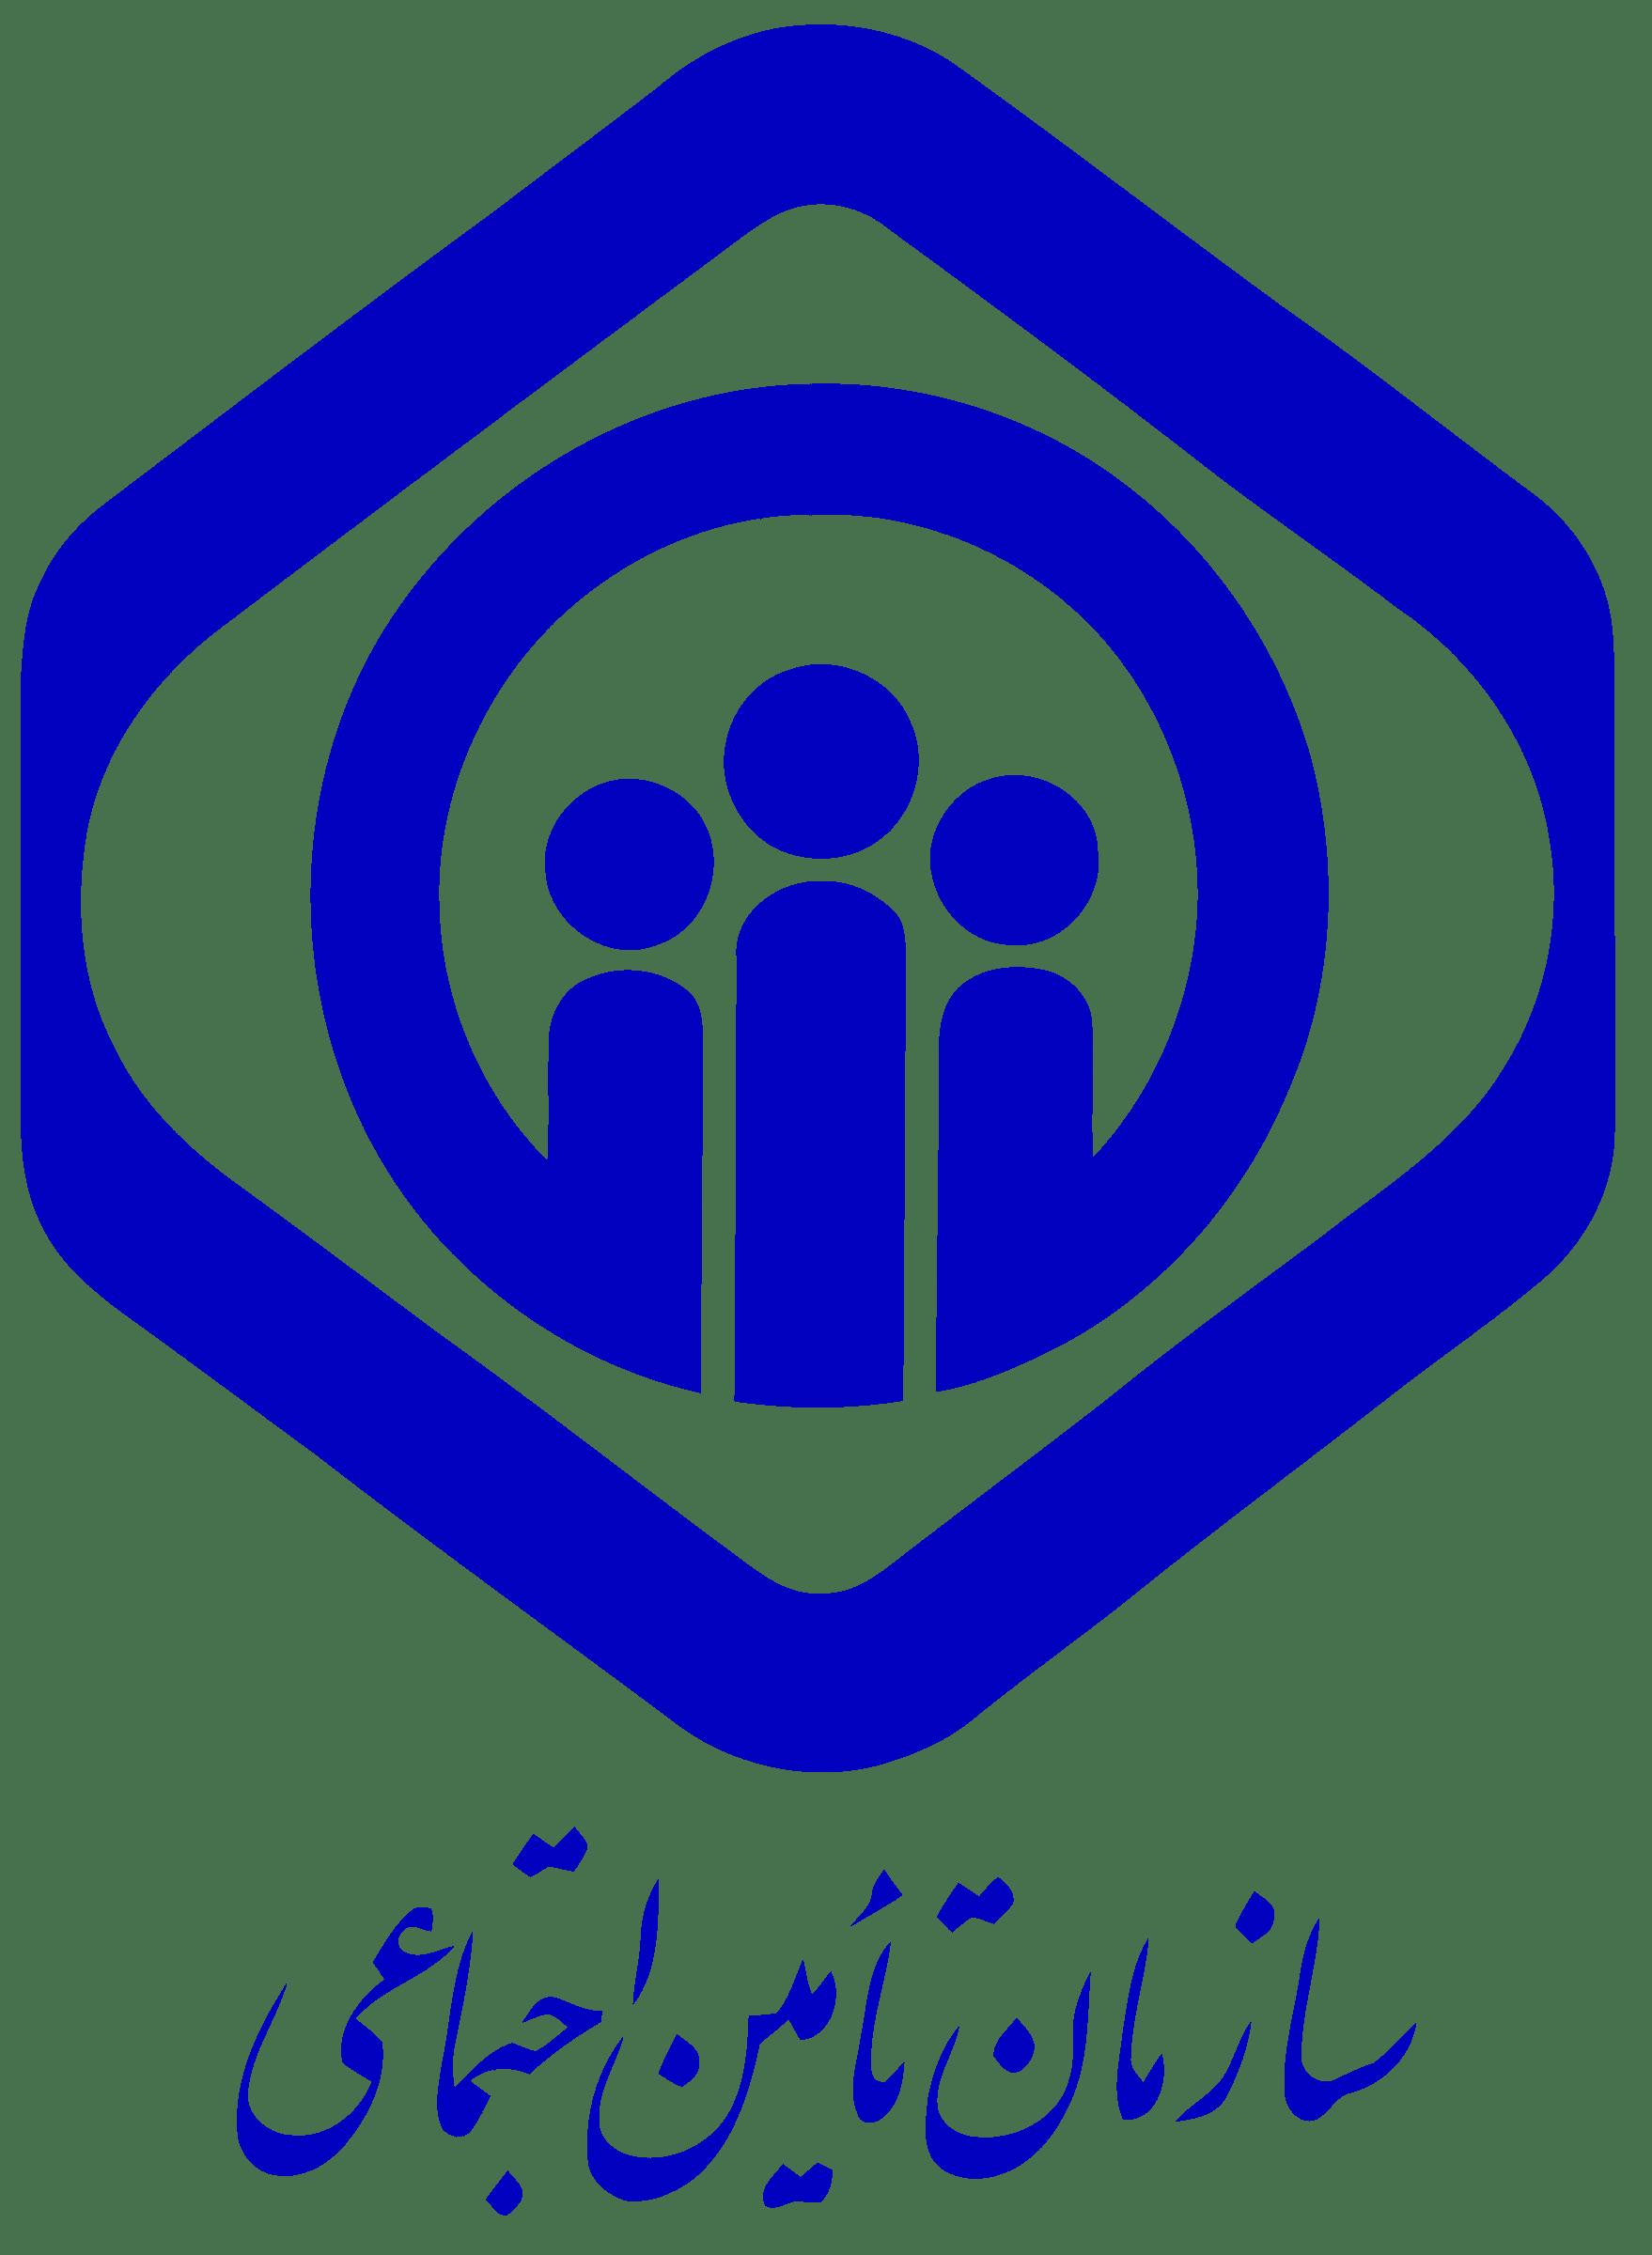 مشاهده سوابق بیمه تامین اجتماعی با استفاده از کد ussd